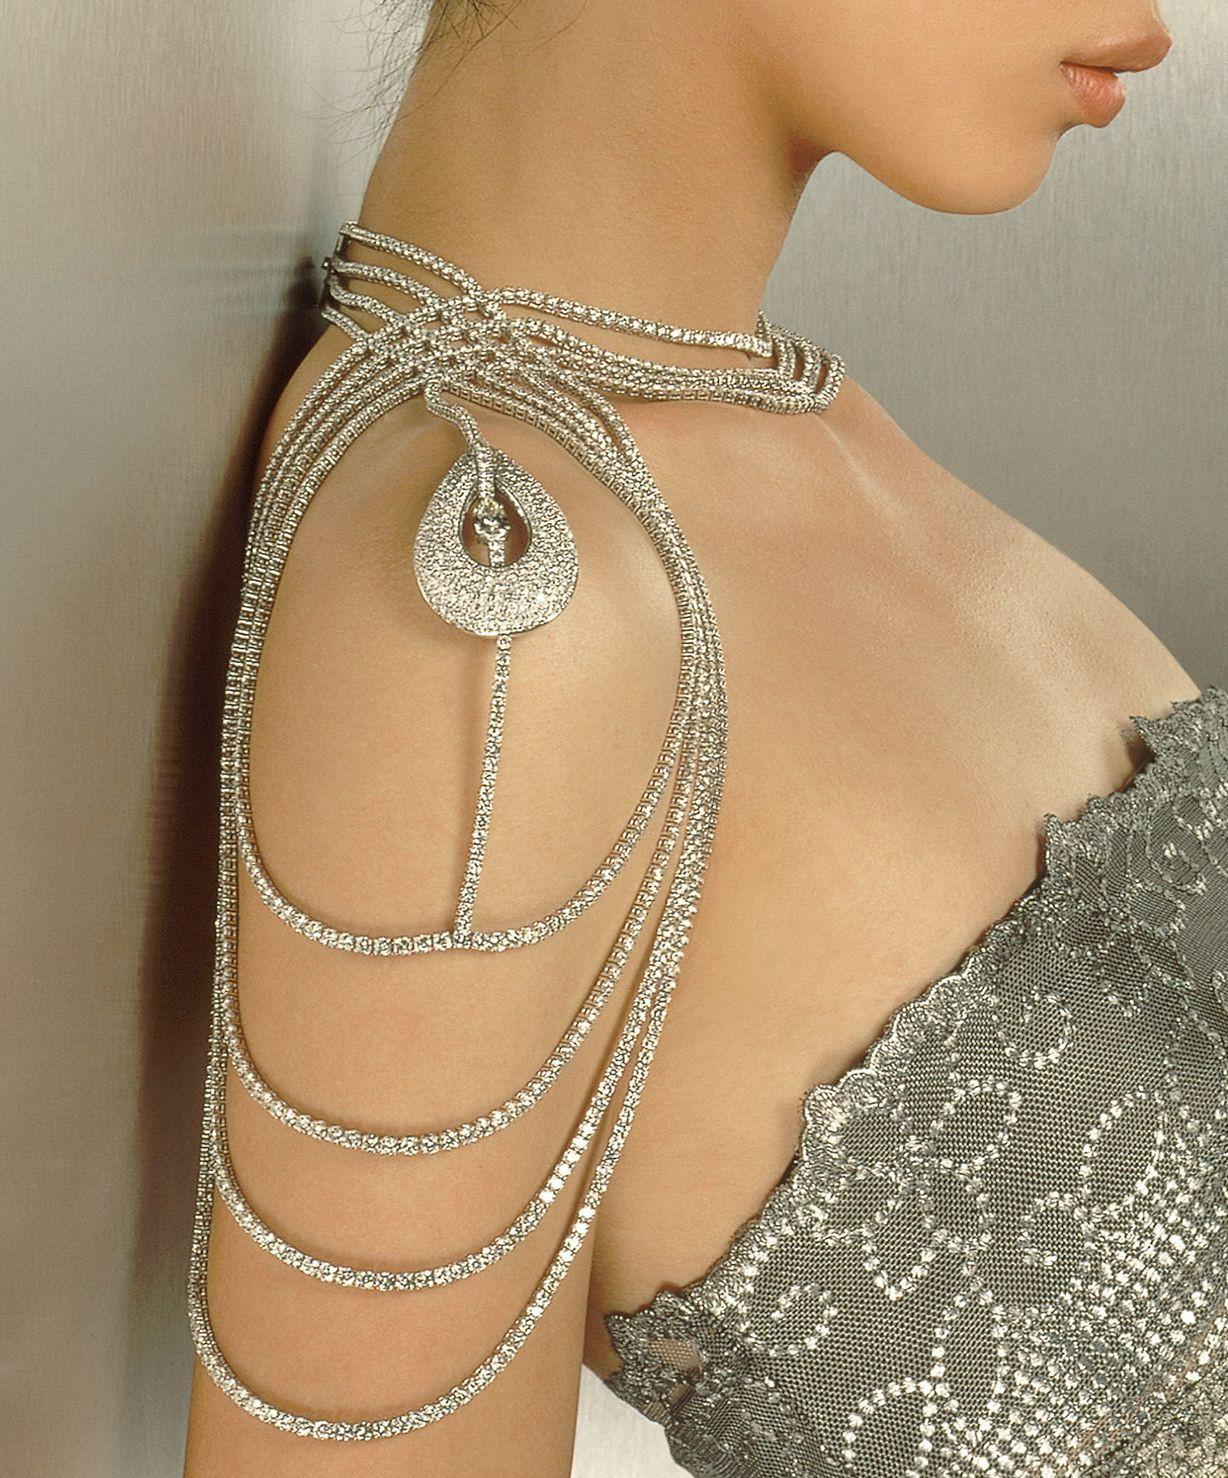 Diamond Body Jewelry  Diamond Body Ornament by Reena Ahluwalia 196 56 carats